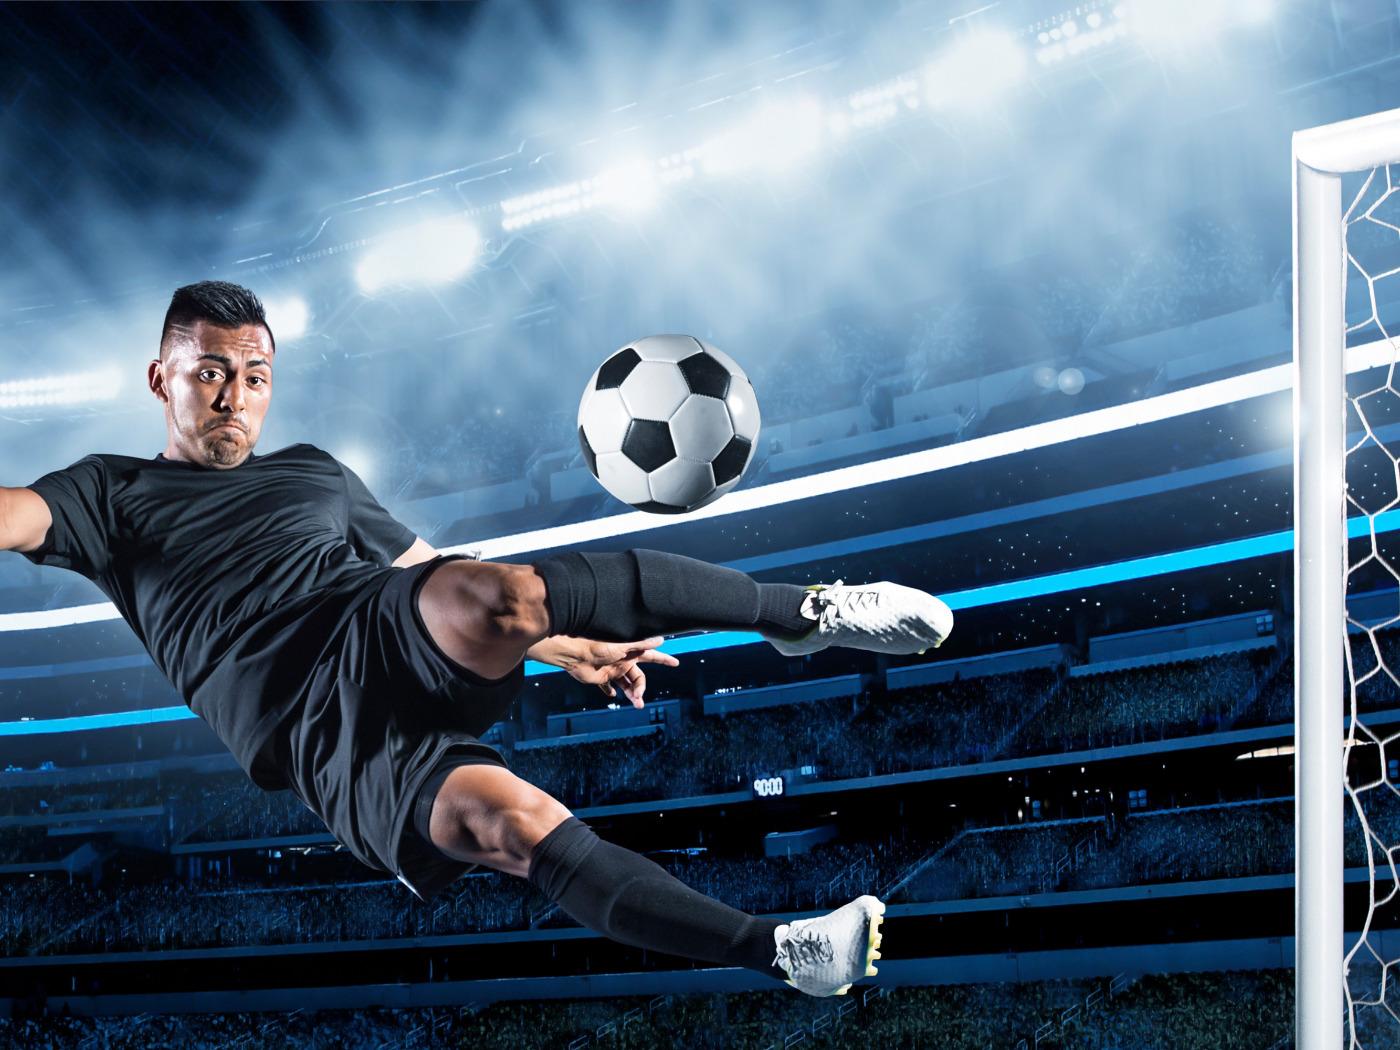 отделении спорт картинки футболистов давление измеряется